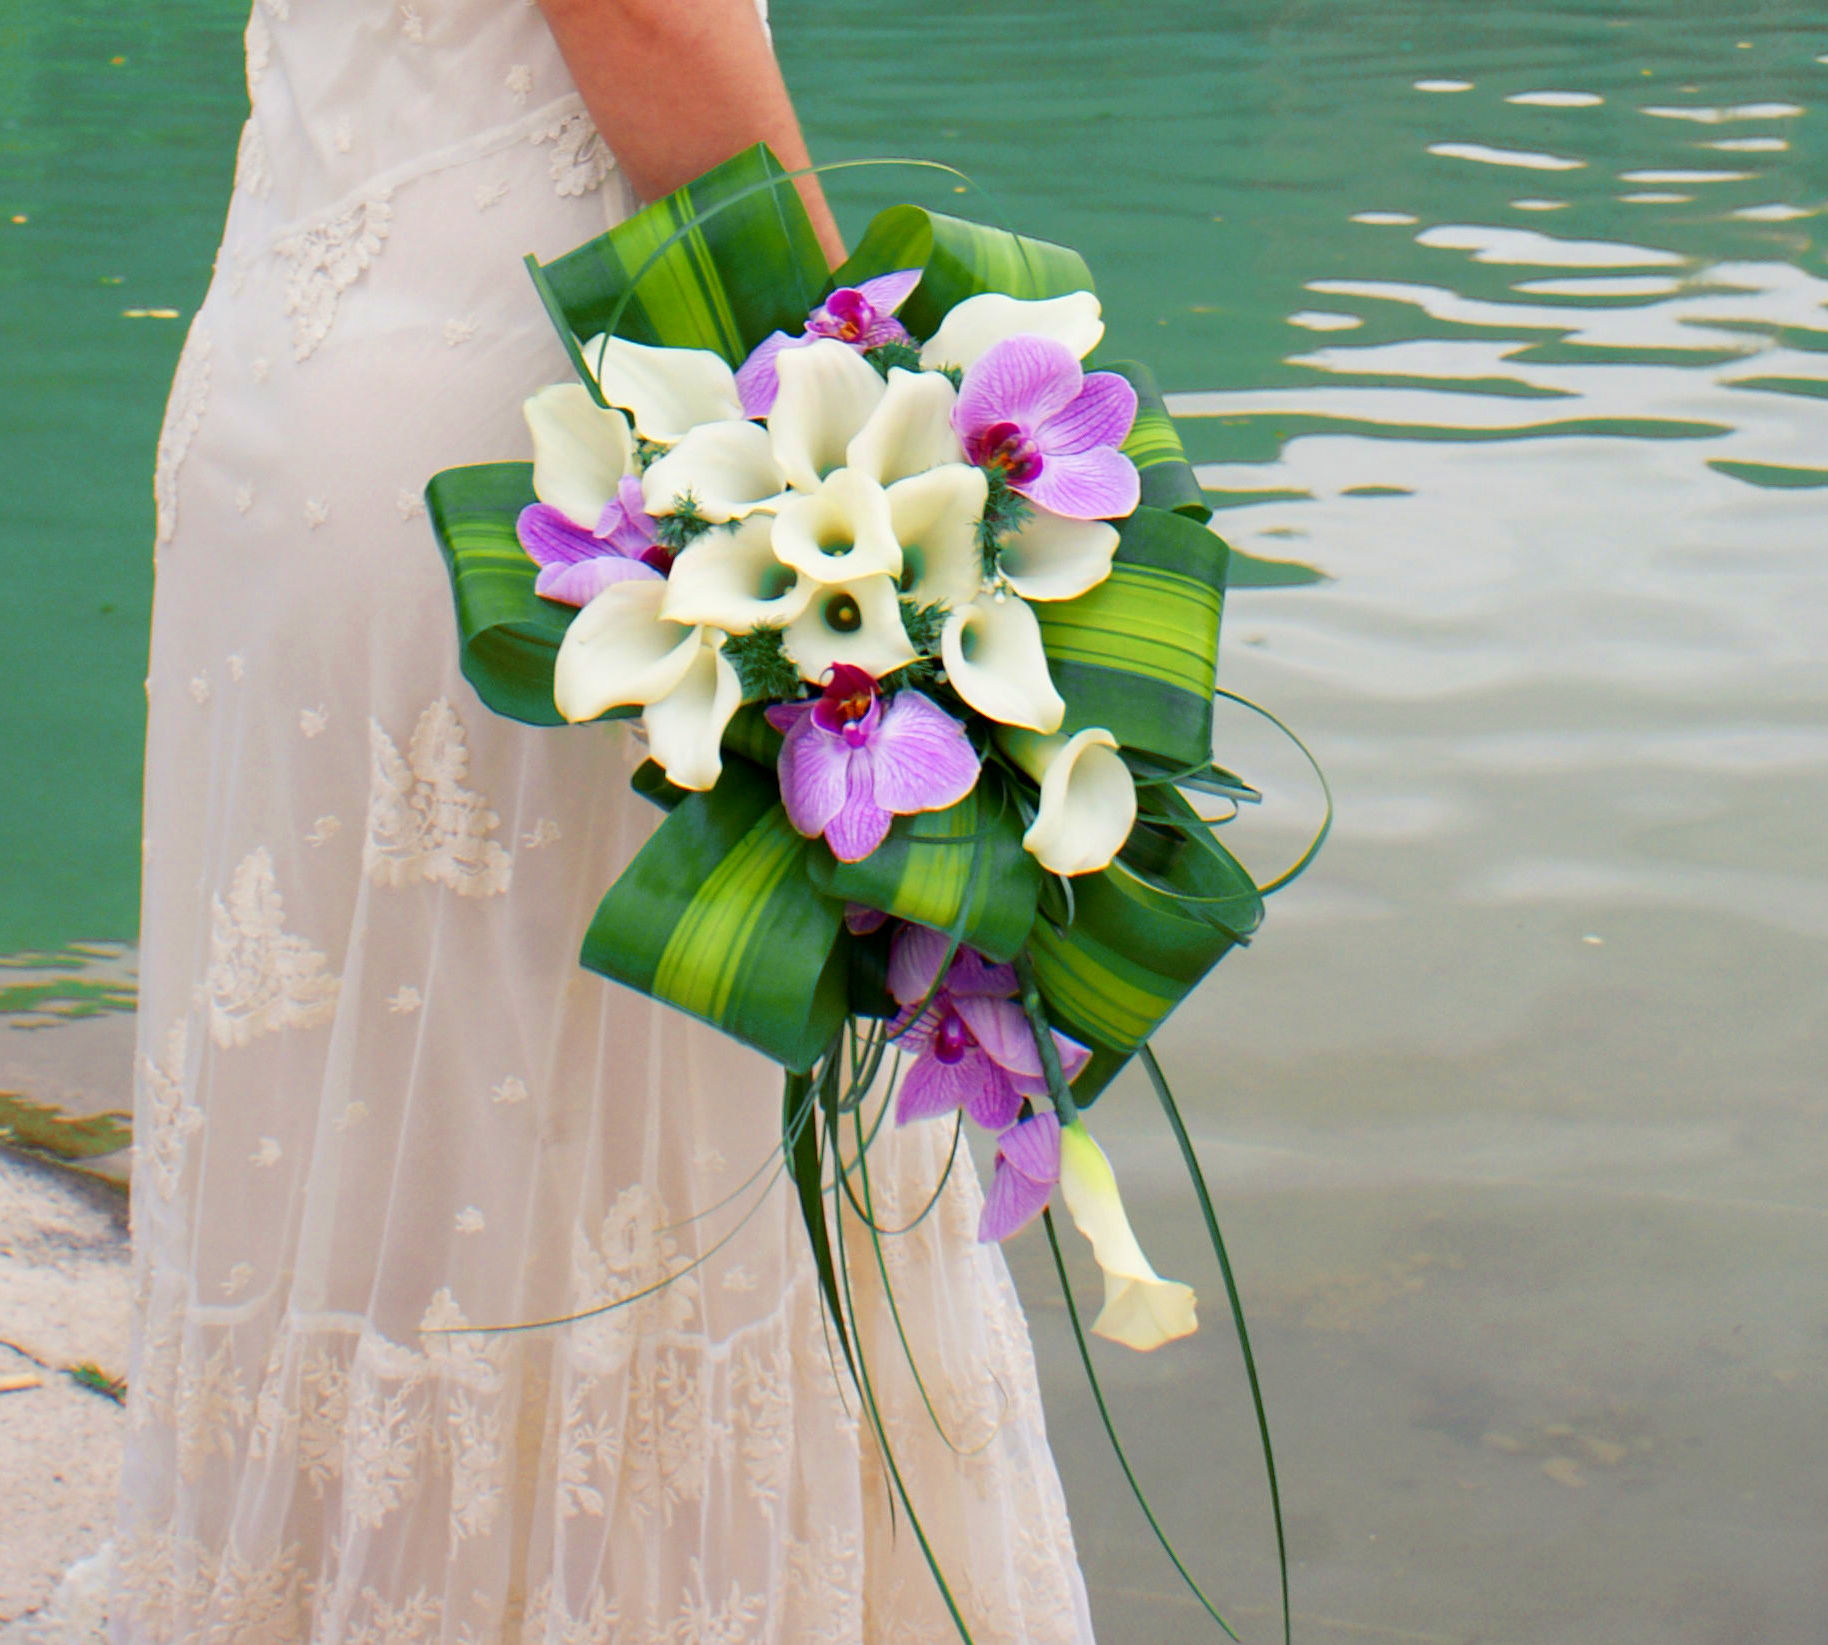 Ramo de novia: PRODUCTOS Y SERVICIOS  de Floristería Contreras - BARTOLOMÉ CONTRERAS